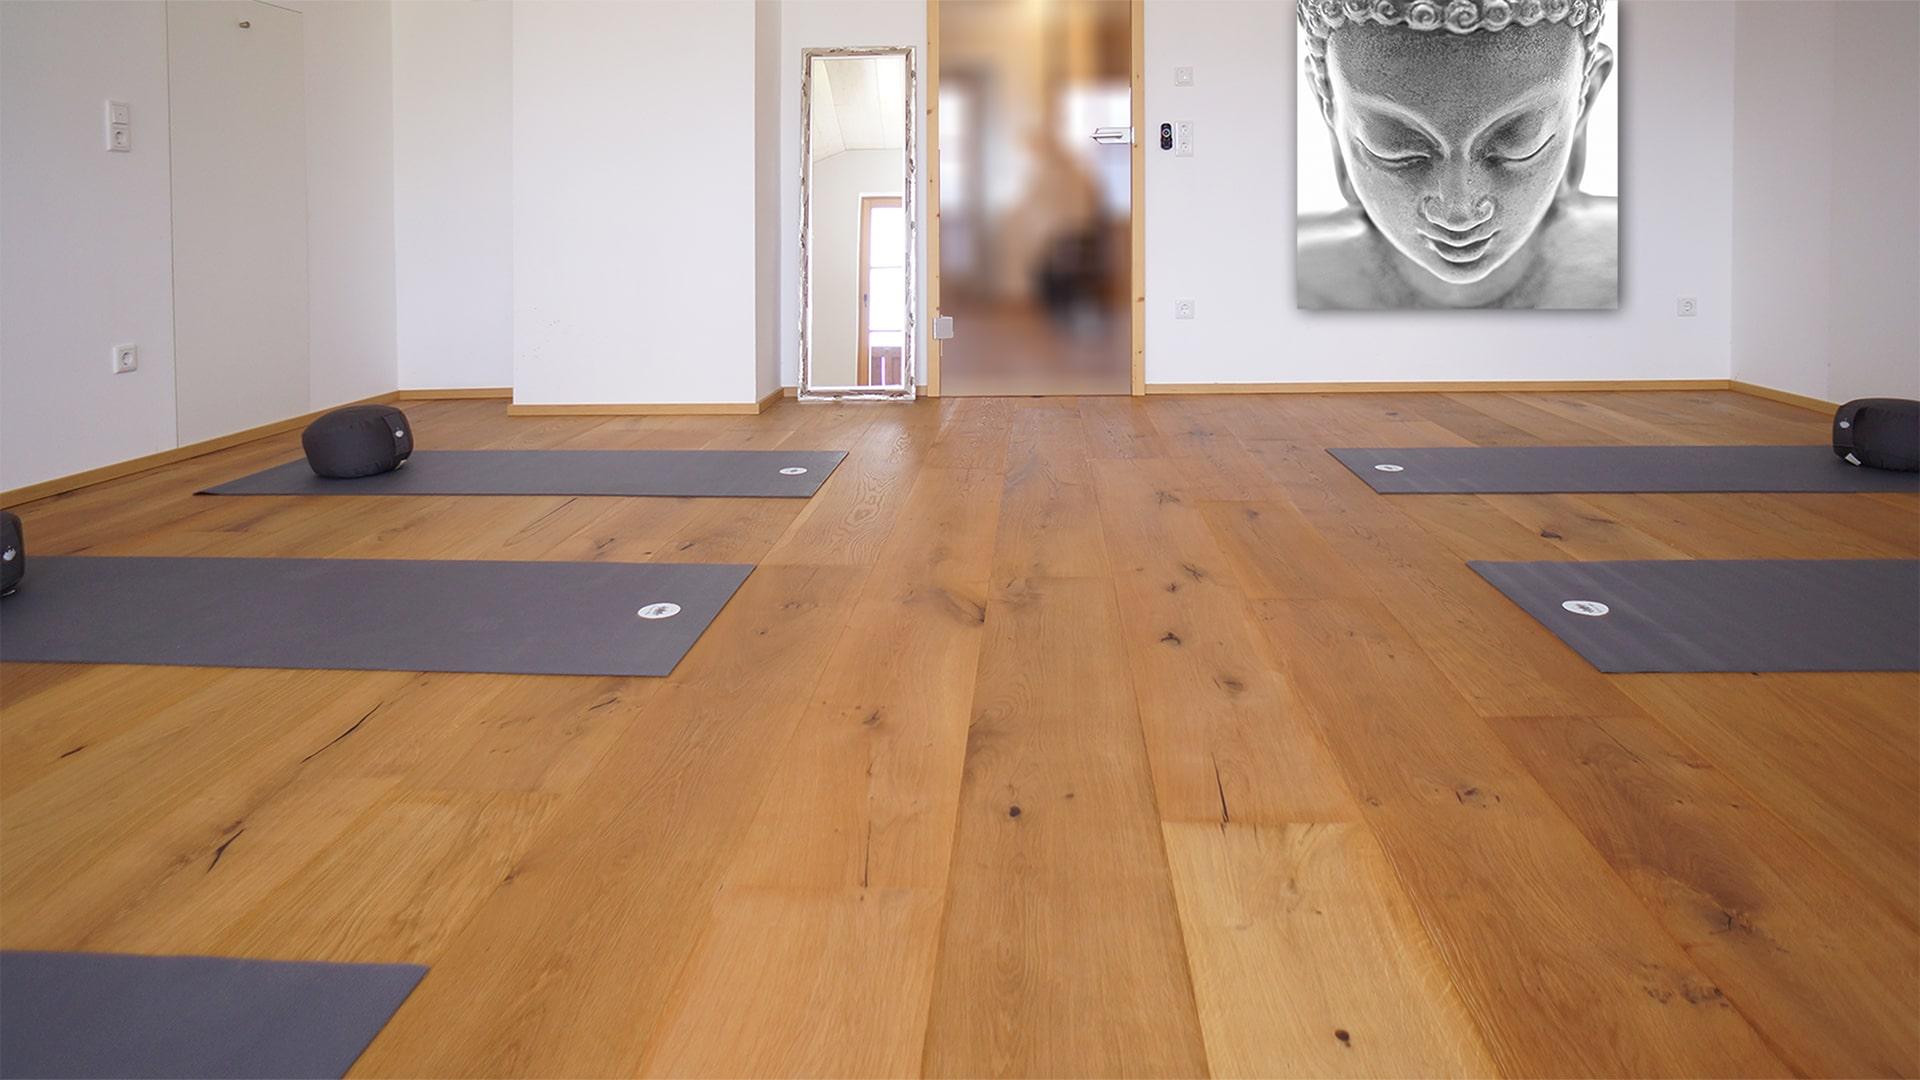 Yogaraum_DSC07211_mit Buddhabild-min